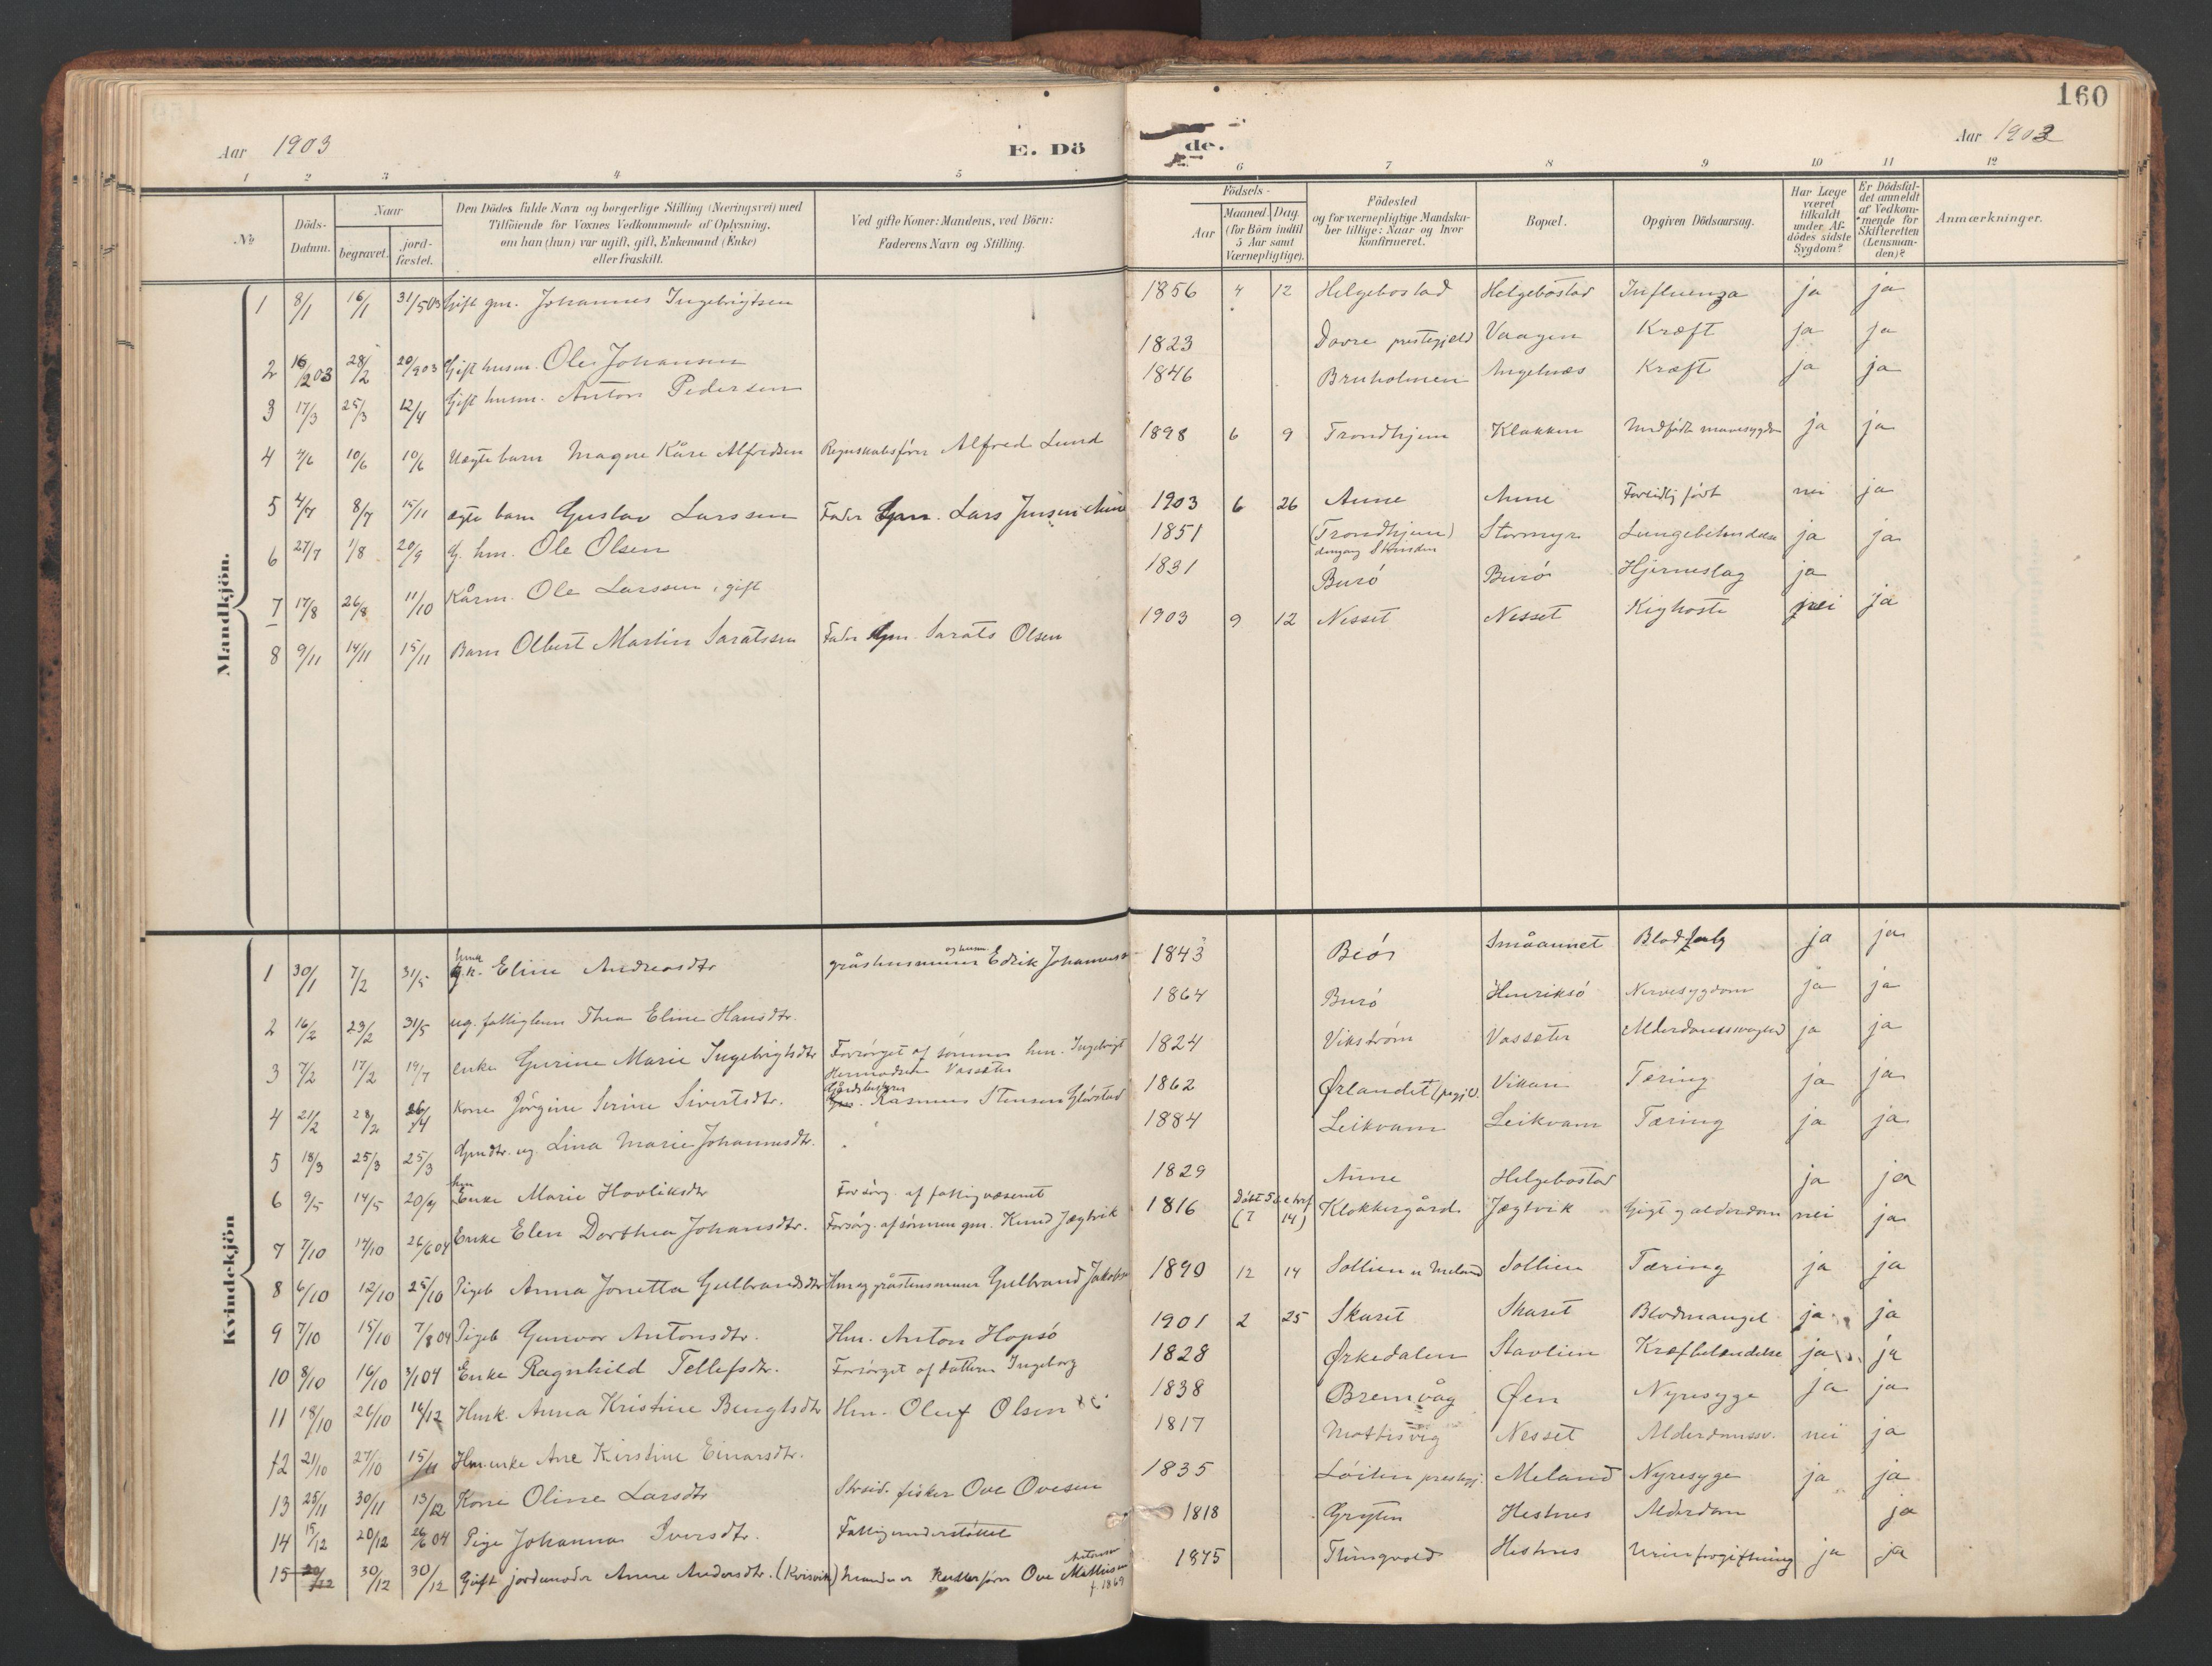 SAT, Ministerialprotokoller, klokkerbøker og fødselsregistre - Sør-Trøndelag, 634/L0537: Ministerialbok nr. 634A13, 1896-1922, s. 160